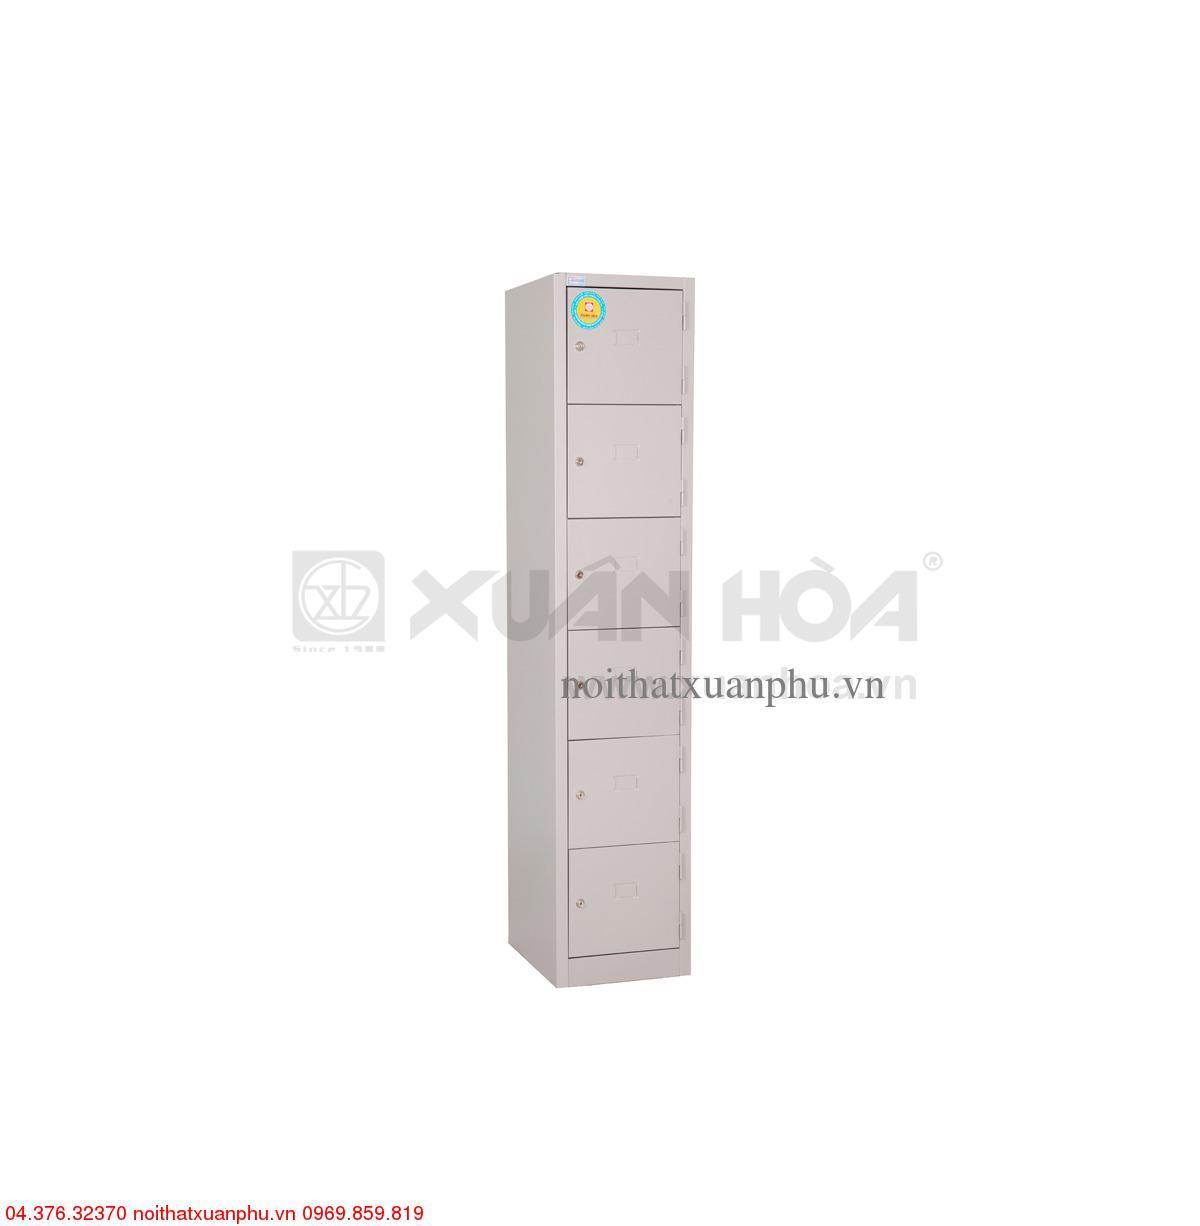 Hình ảnh sản phẩm Tủ loocker LK-6N-01